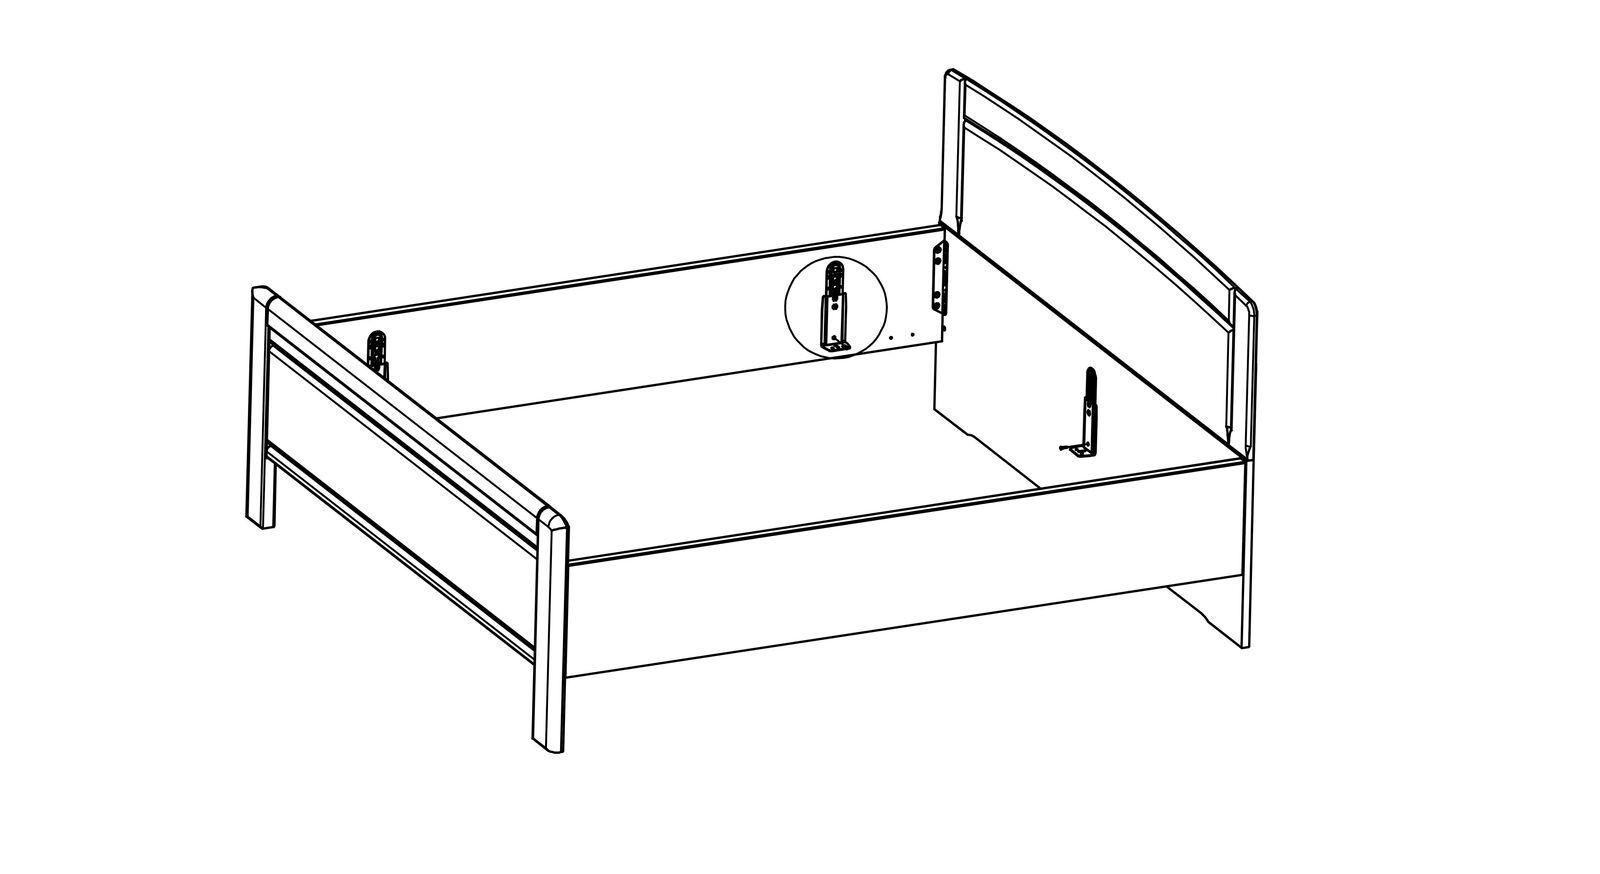 Adapter-Set zur Erhöhung der Einlegetiefe aus stabilem Metall